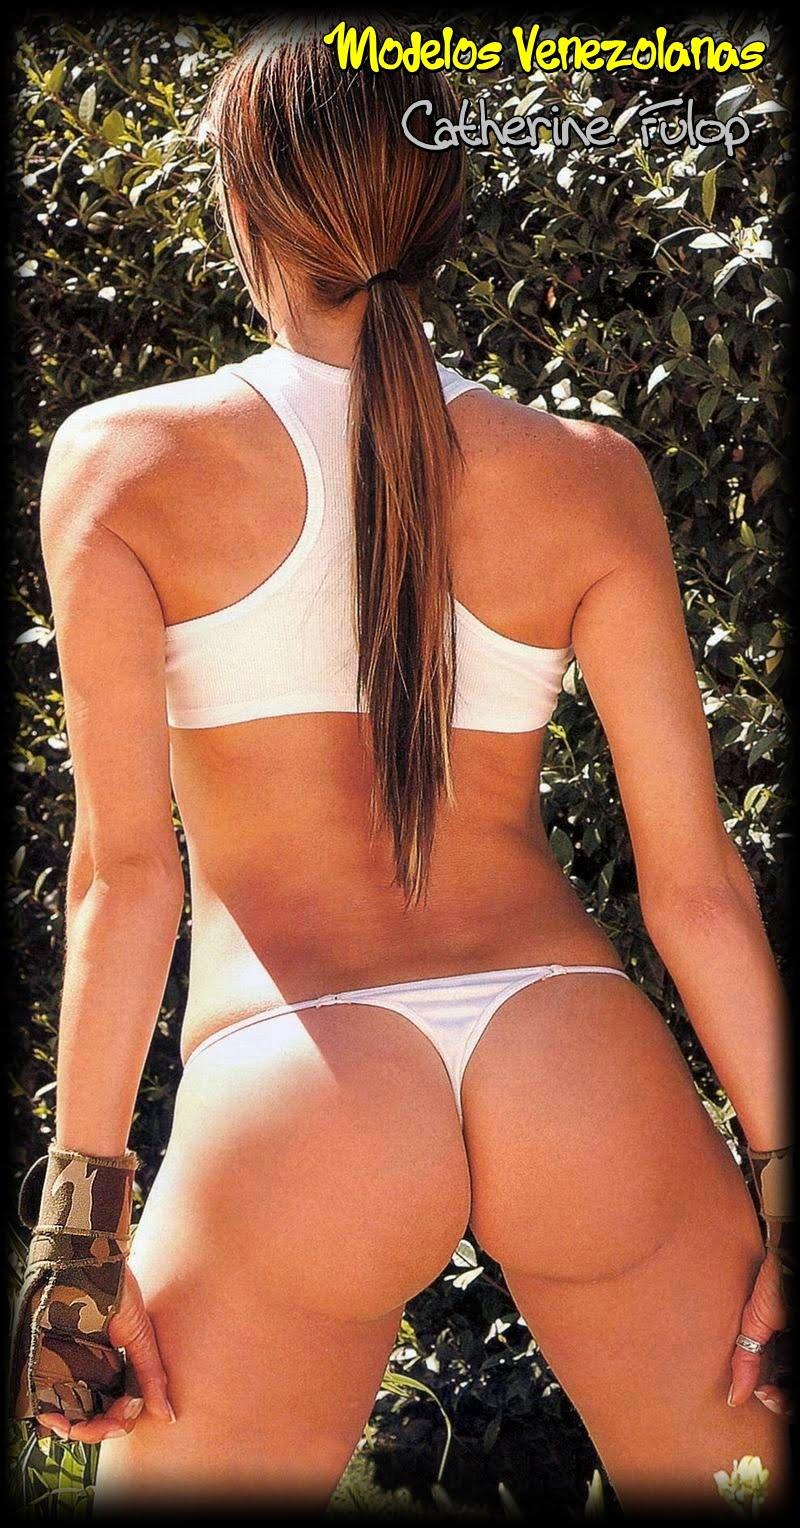 Modelos Venezolanas Catherine Fulop